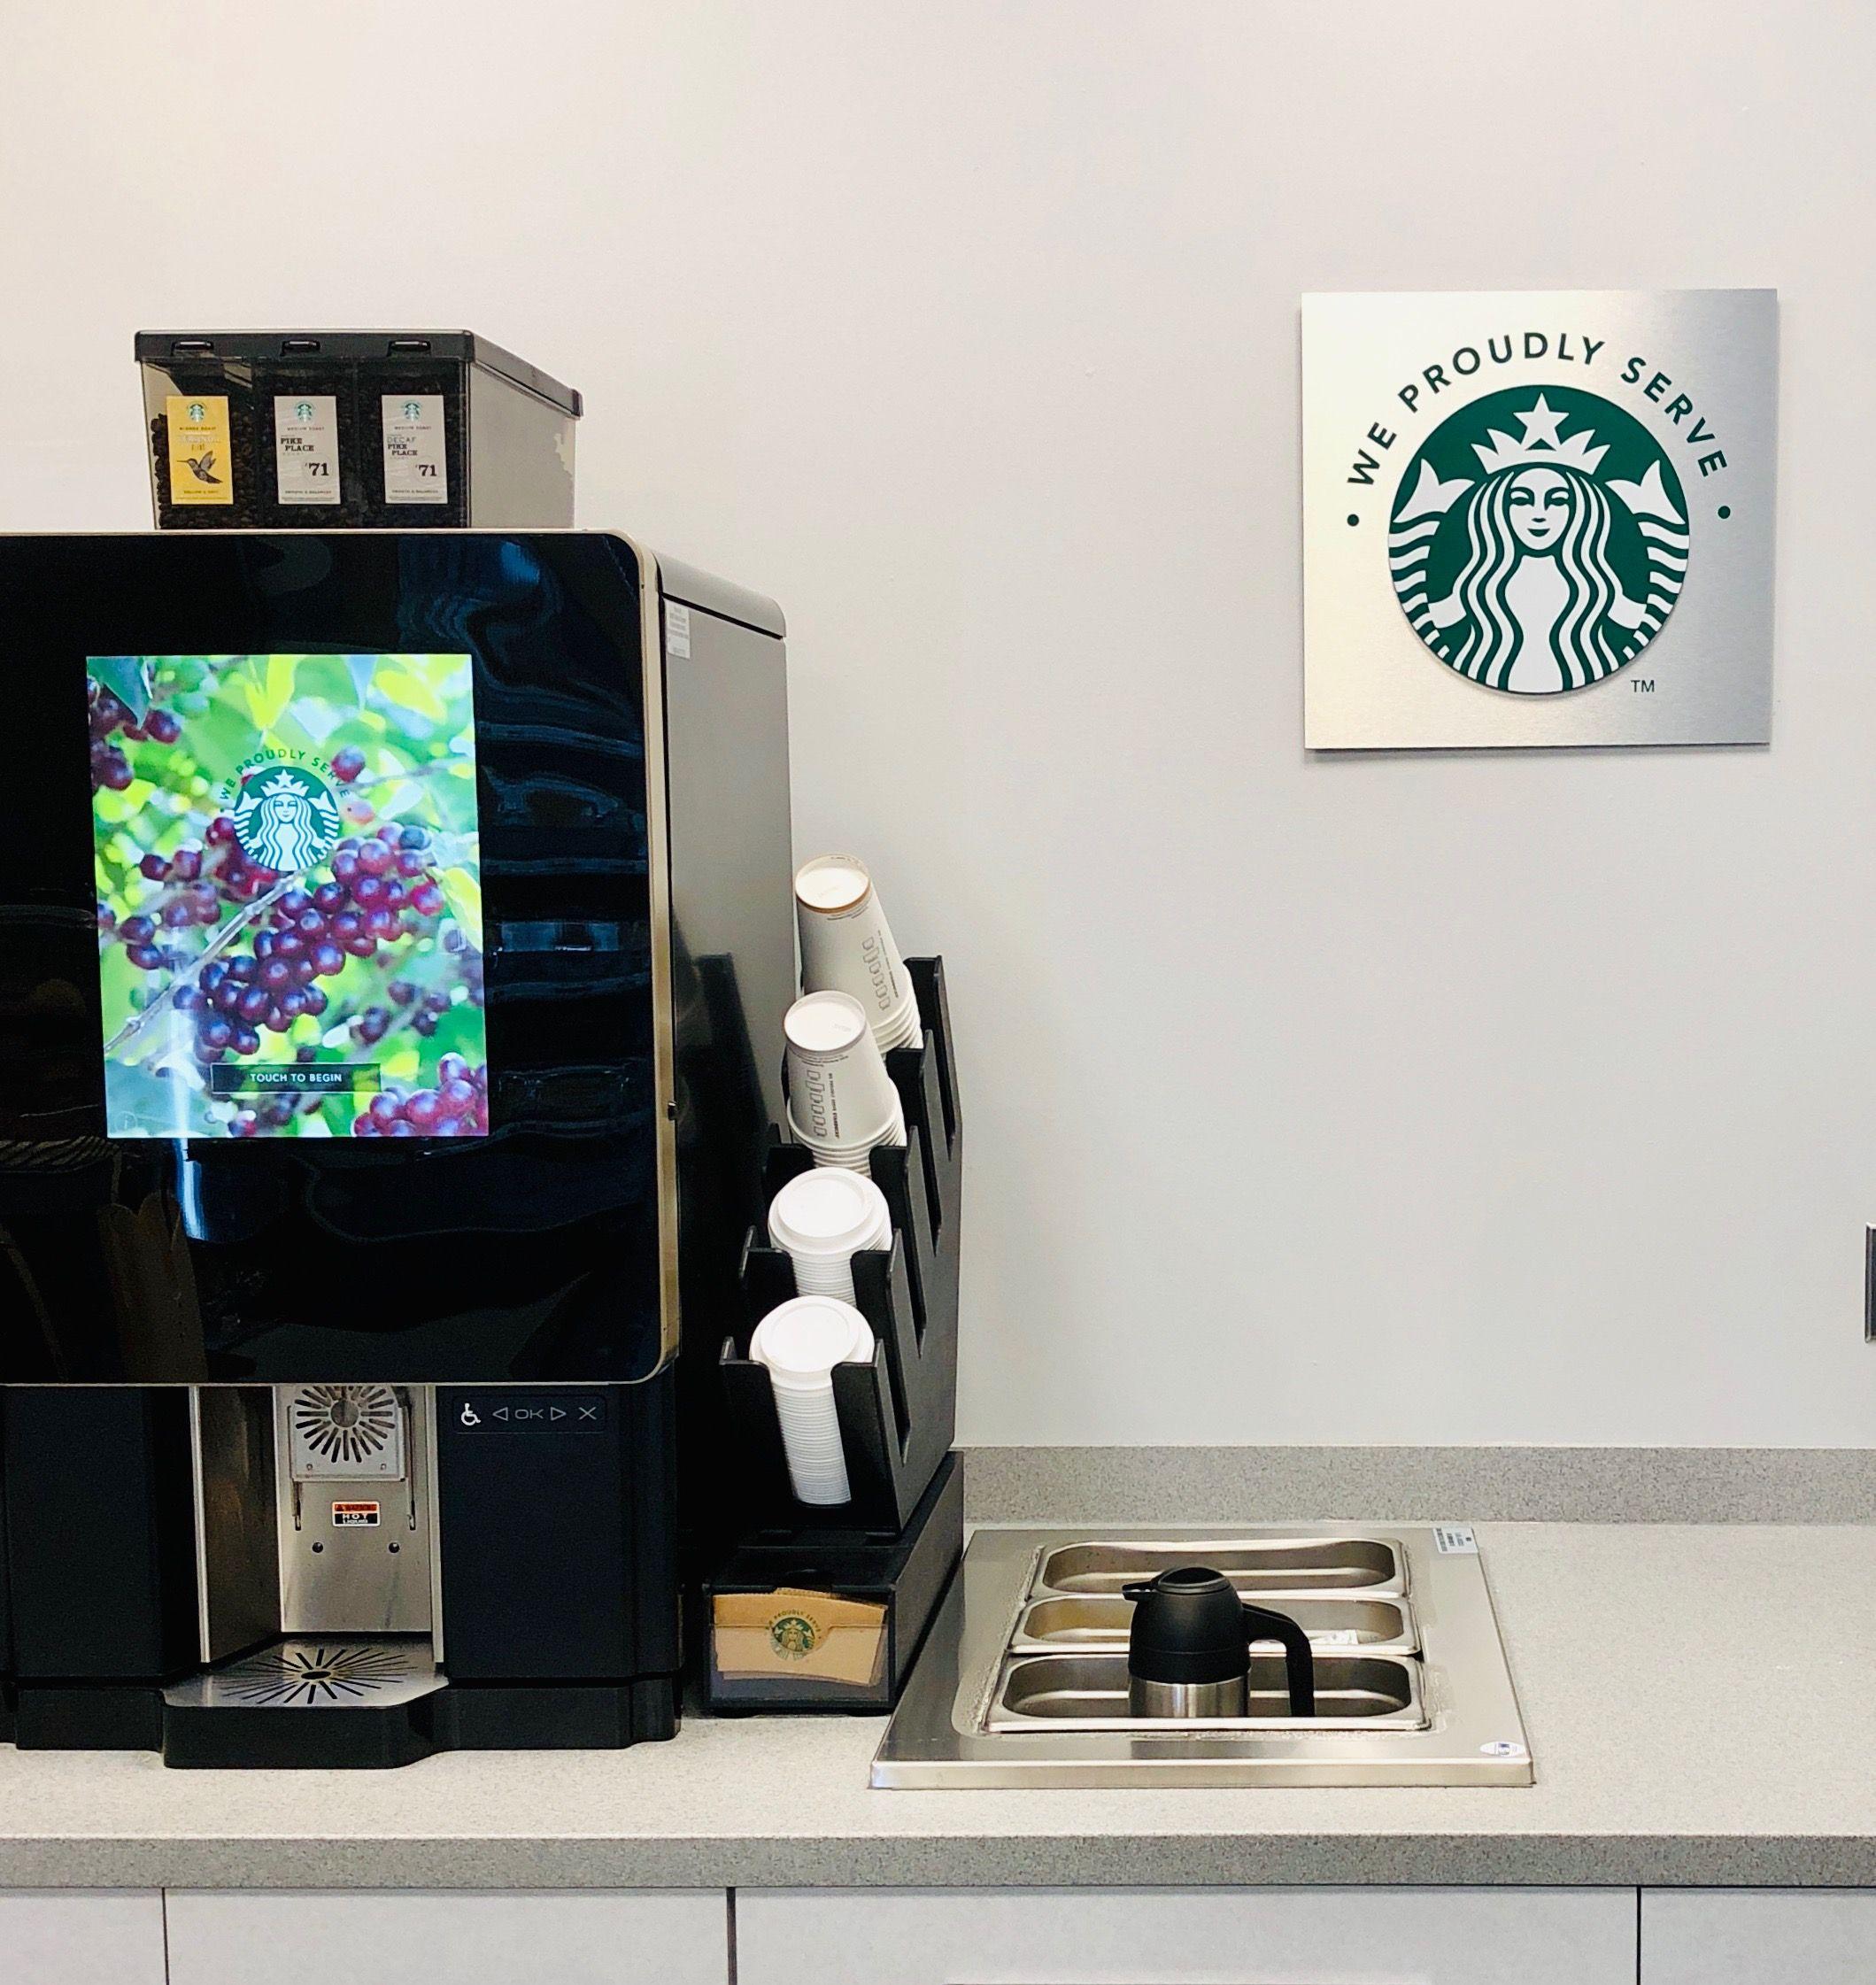 New Starbucks Serenade Machine